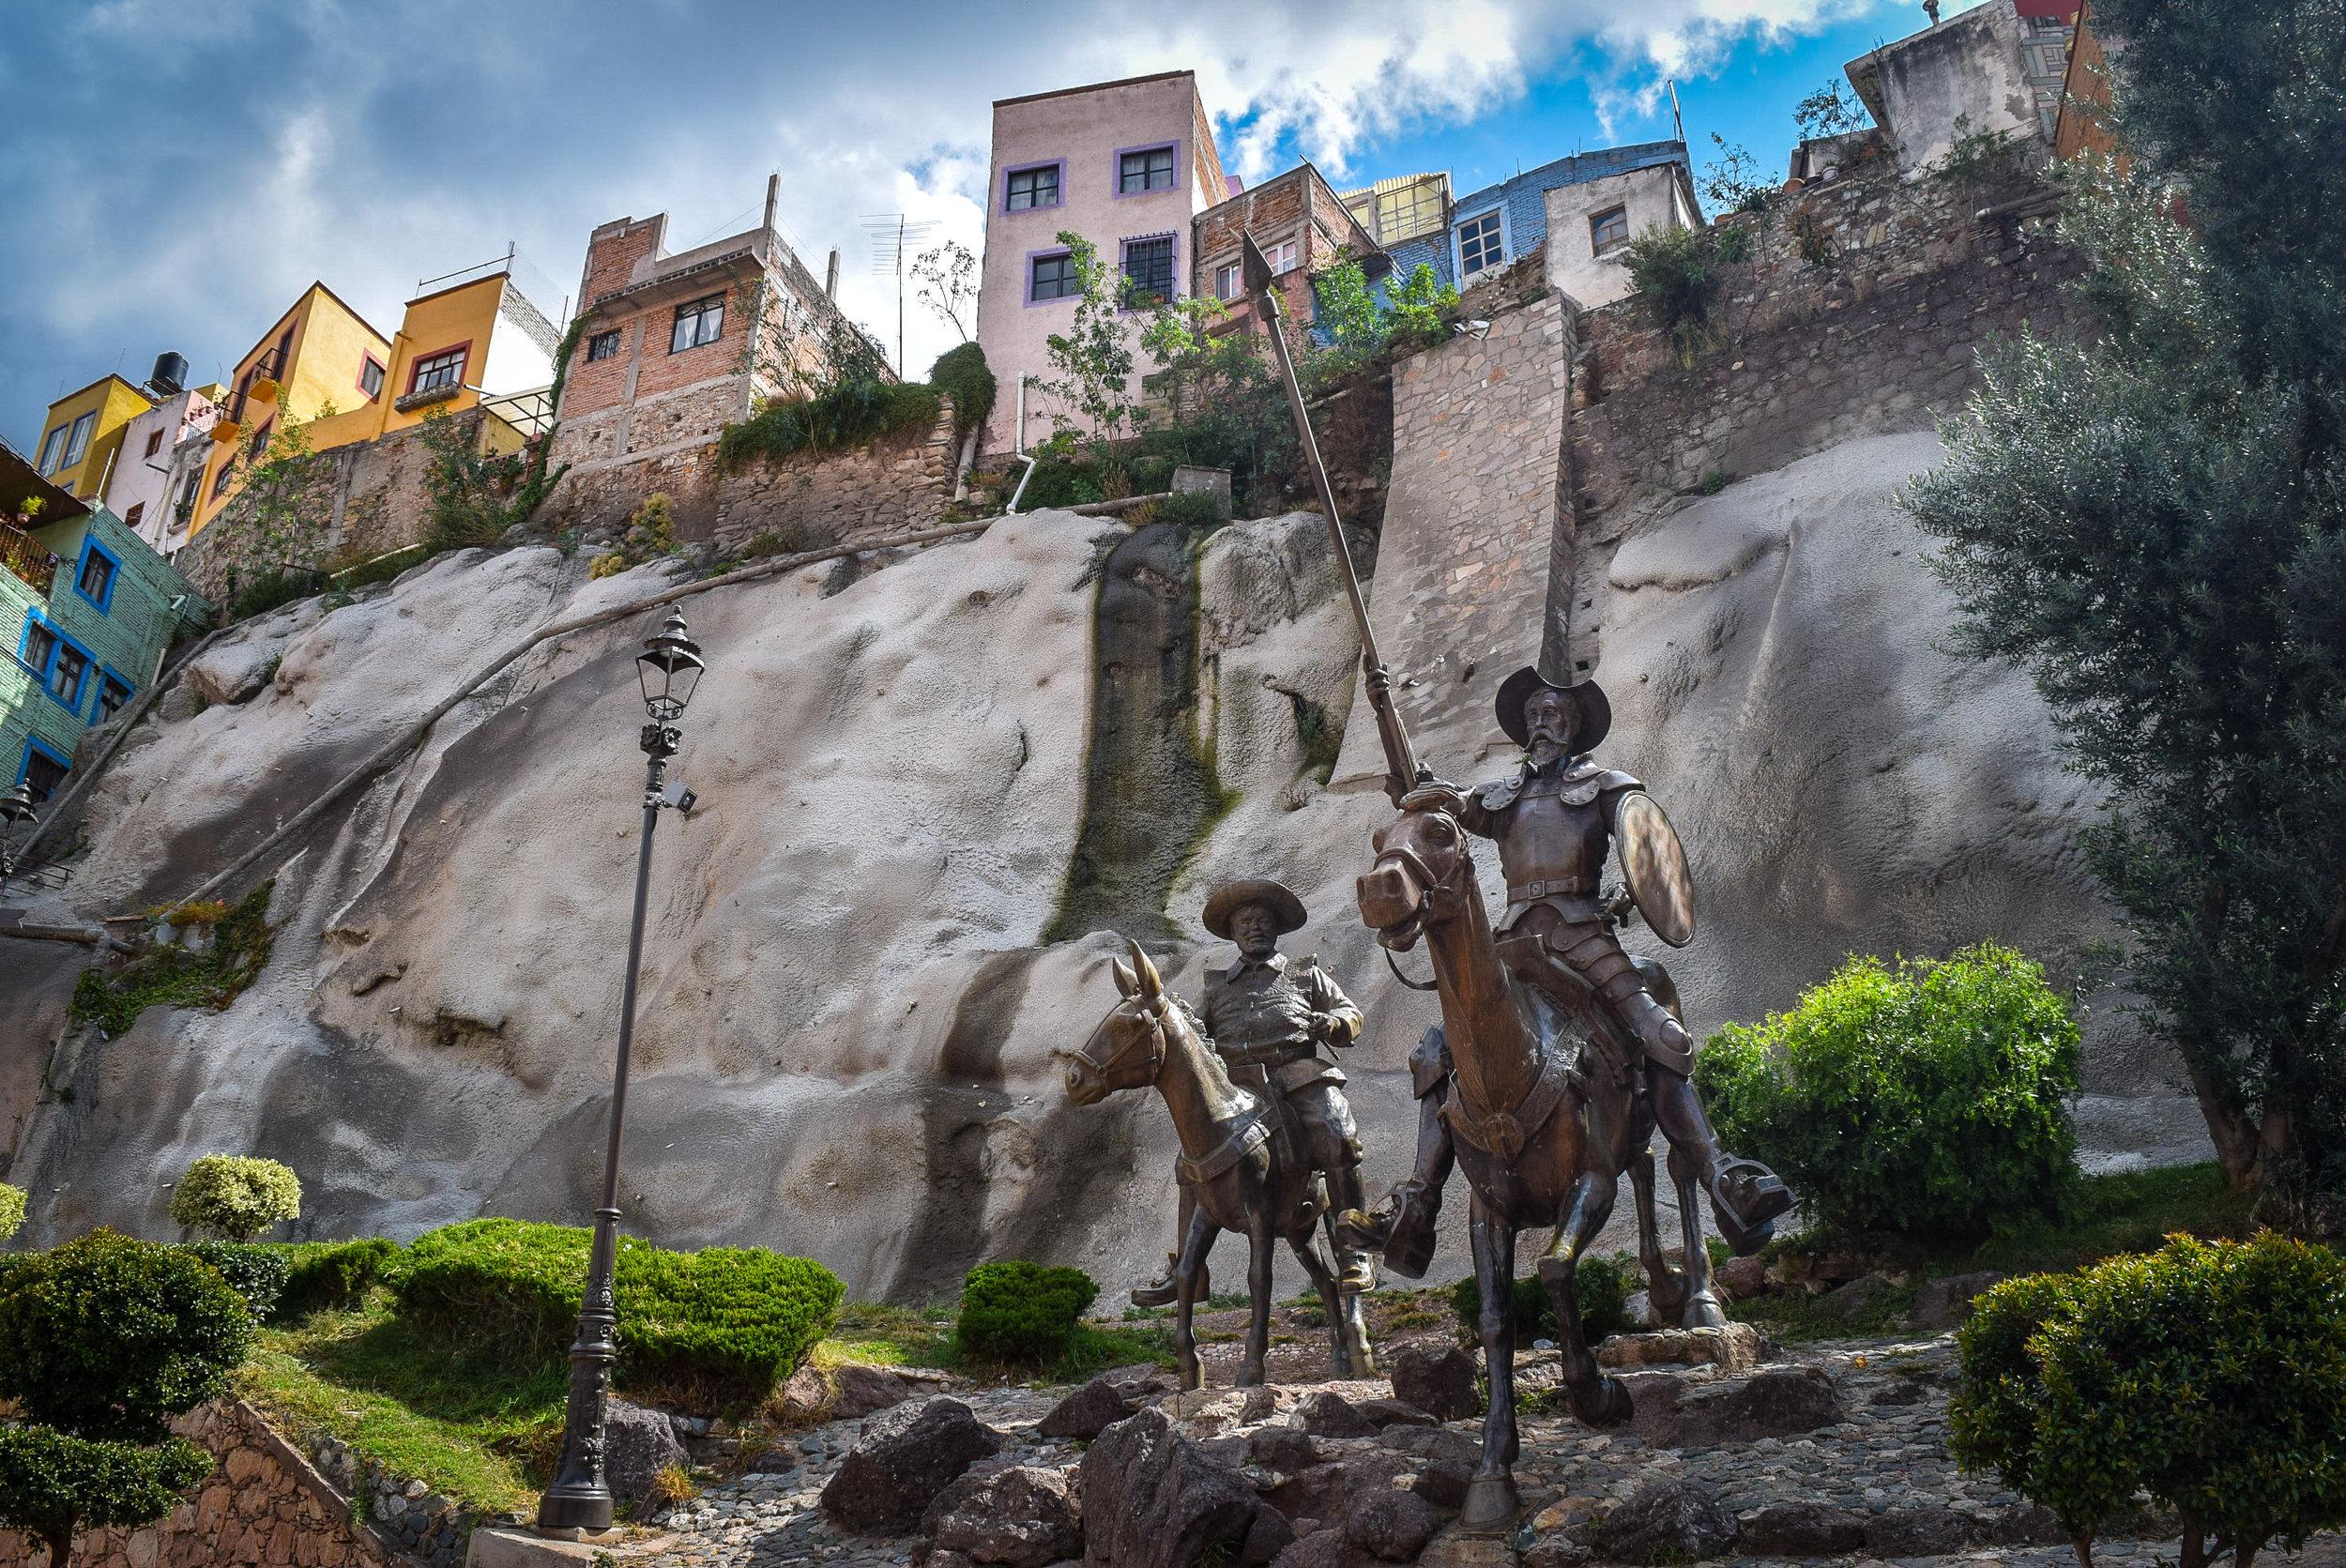 Don Quixote and Sancho Panza in Plaza Allende